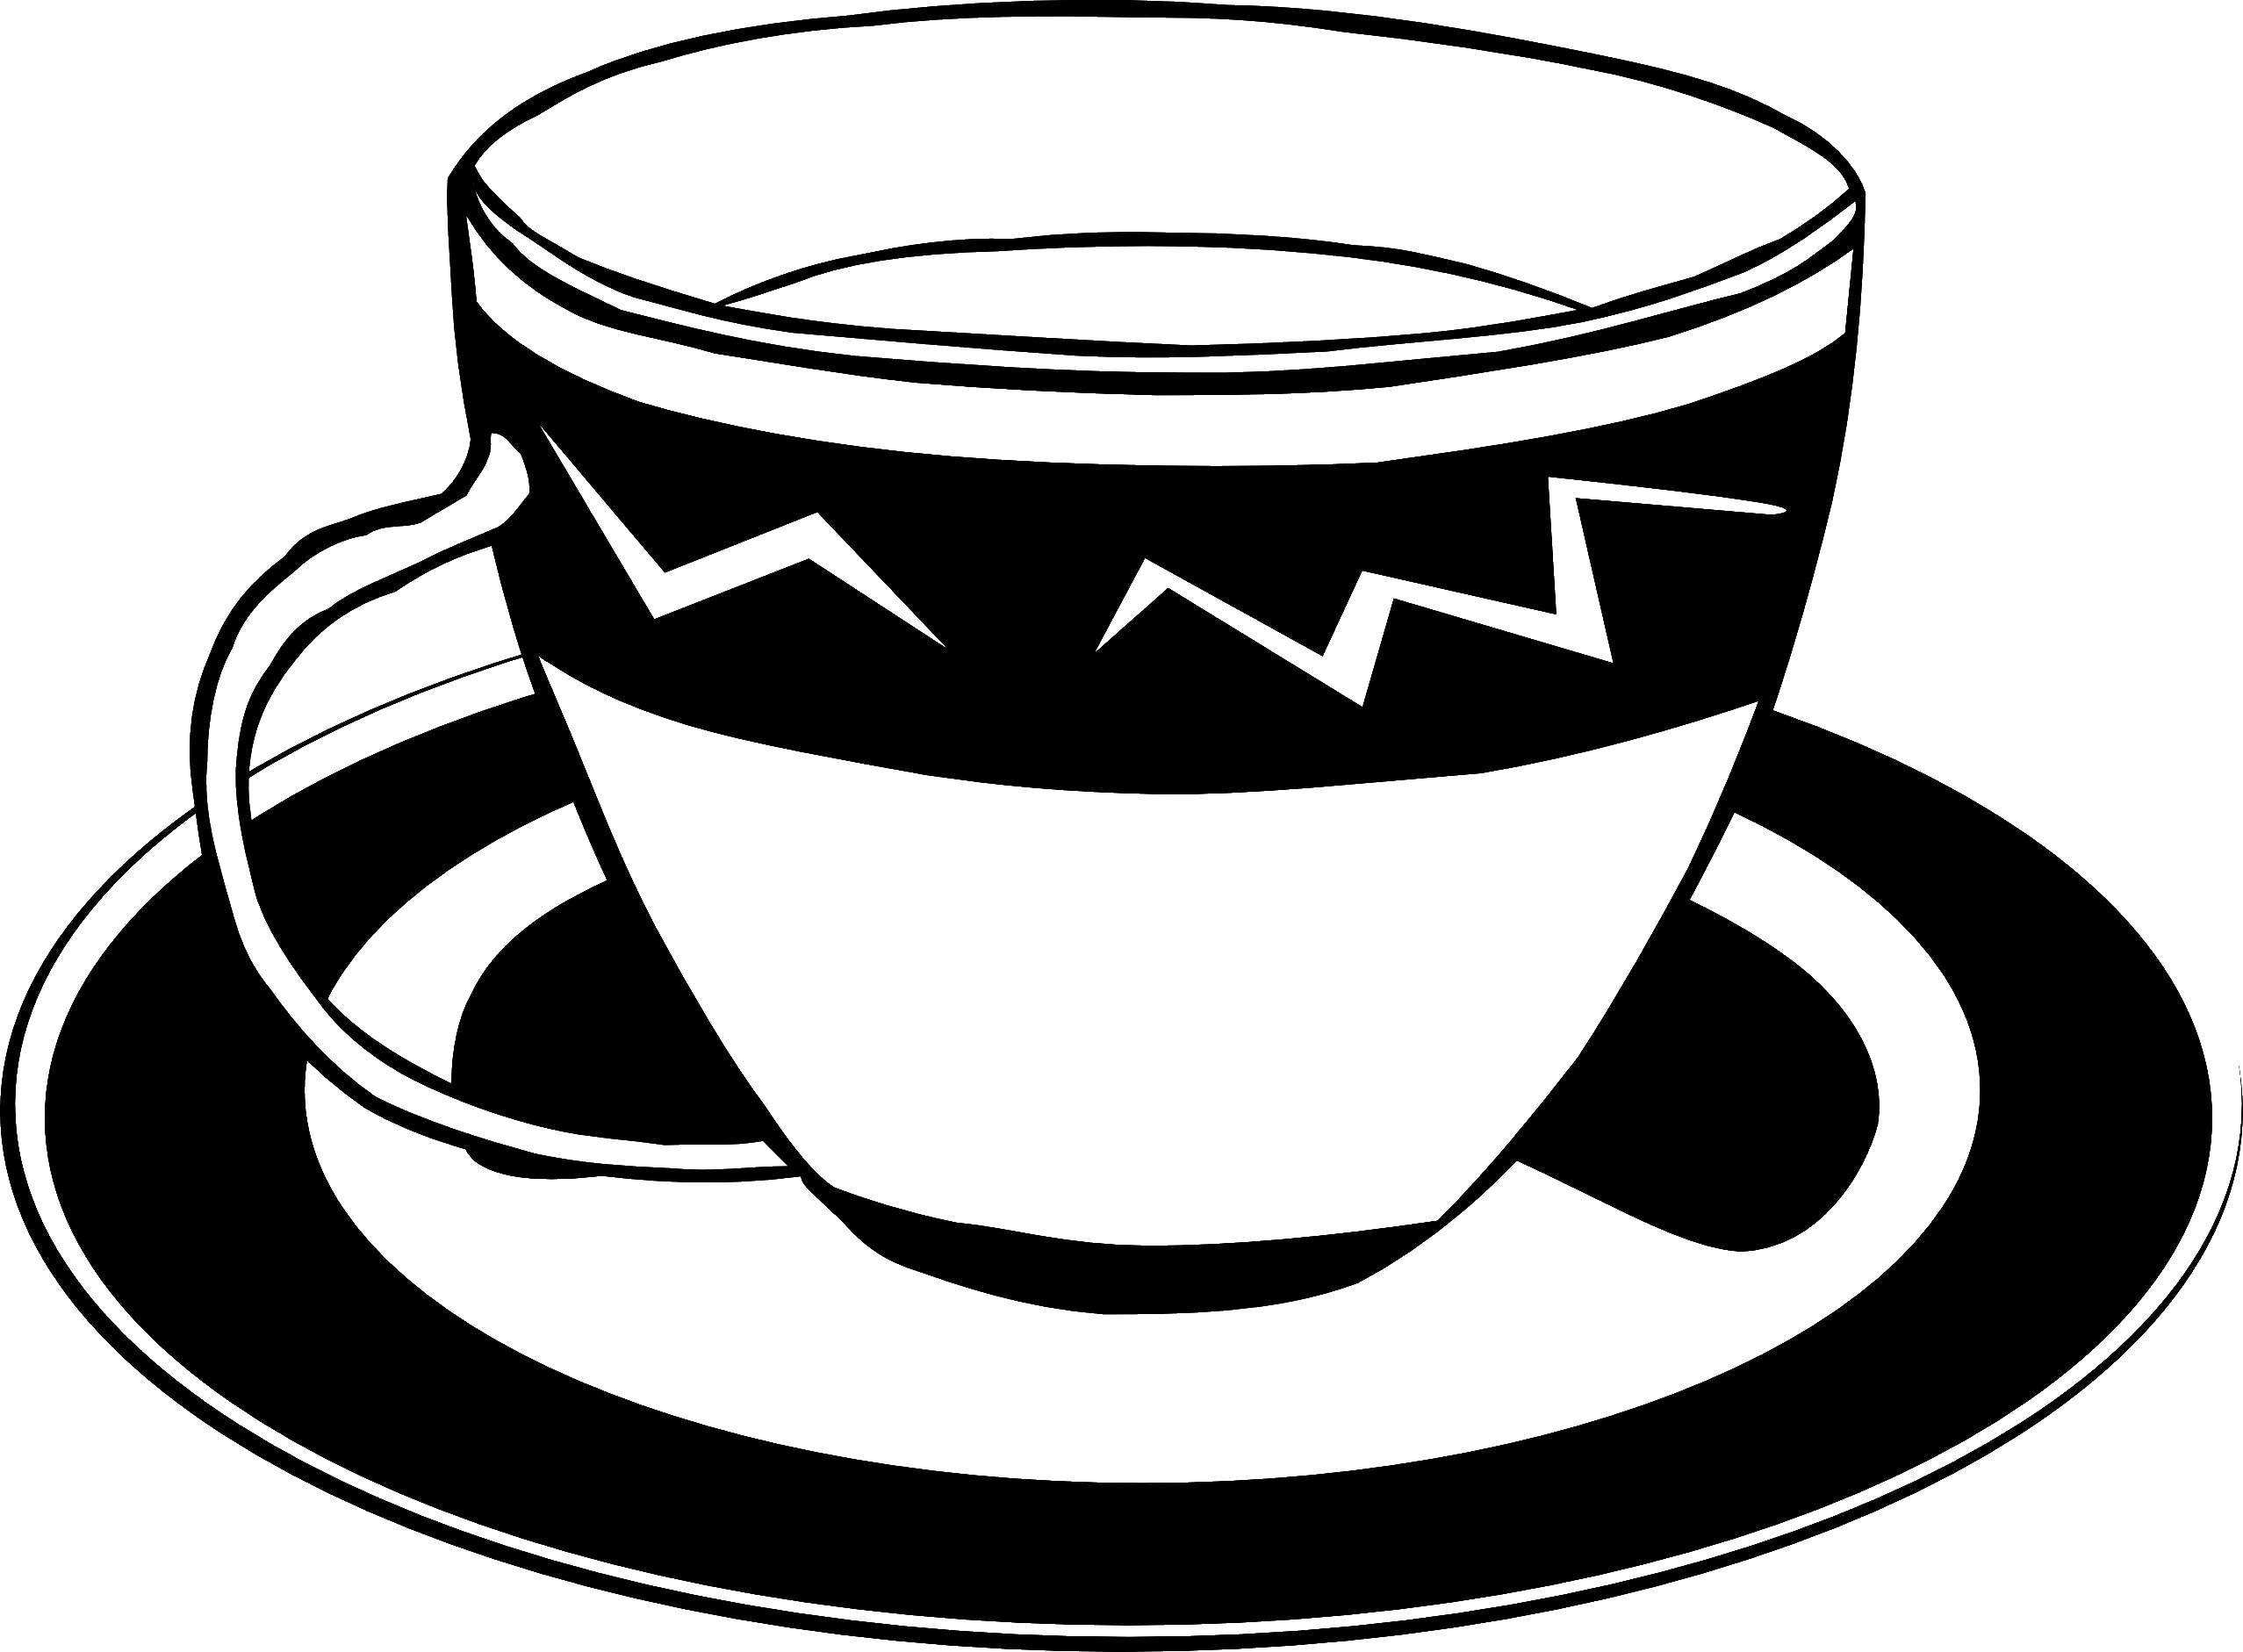 Раскраска Кружка с чашкой Скачать кружка.  Распечатать ,посуда,